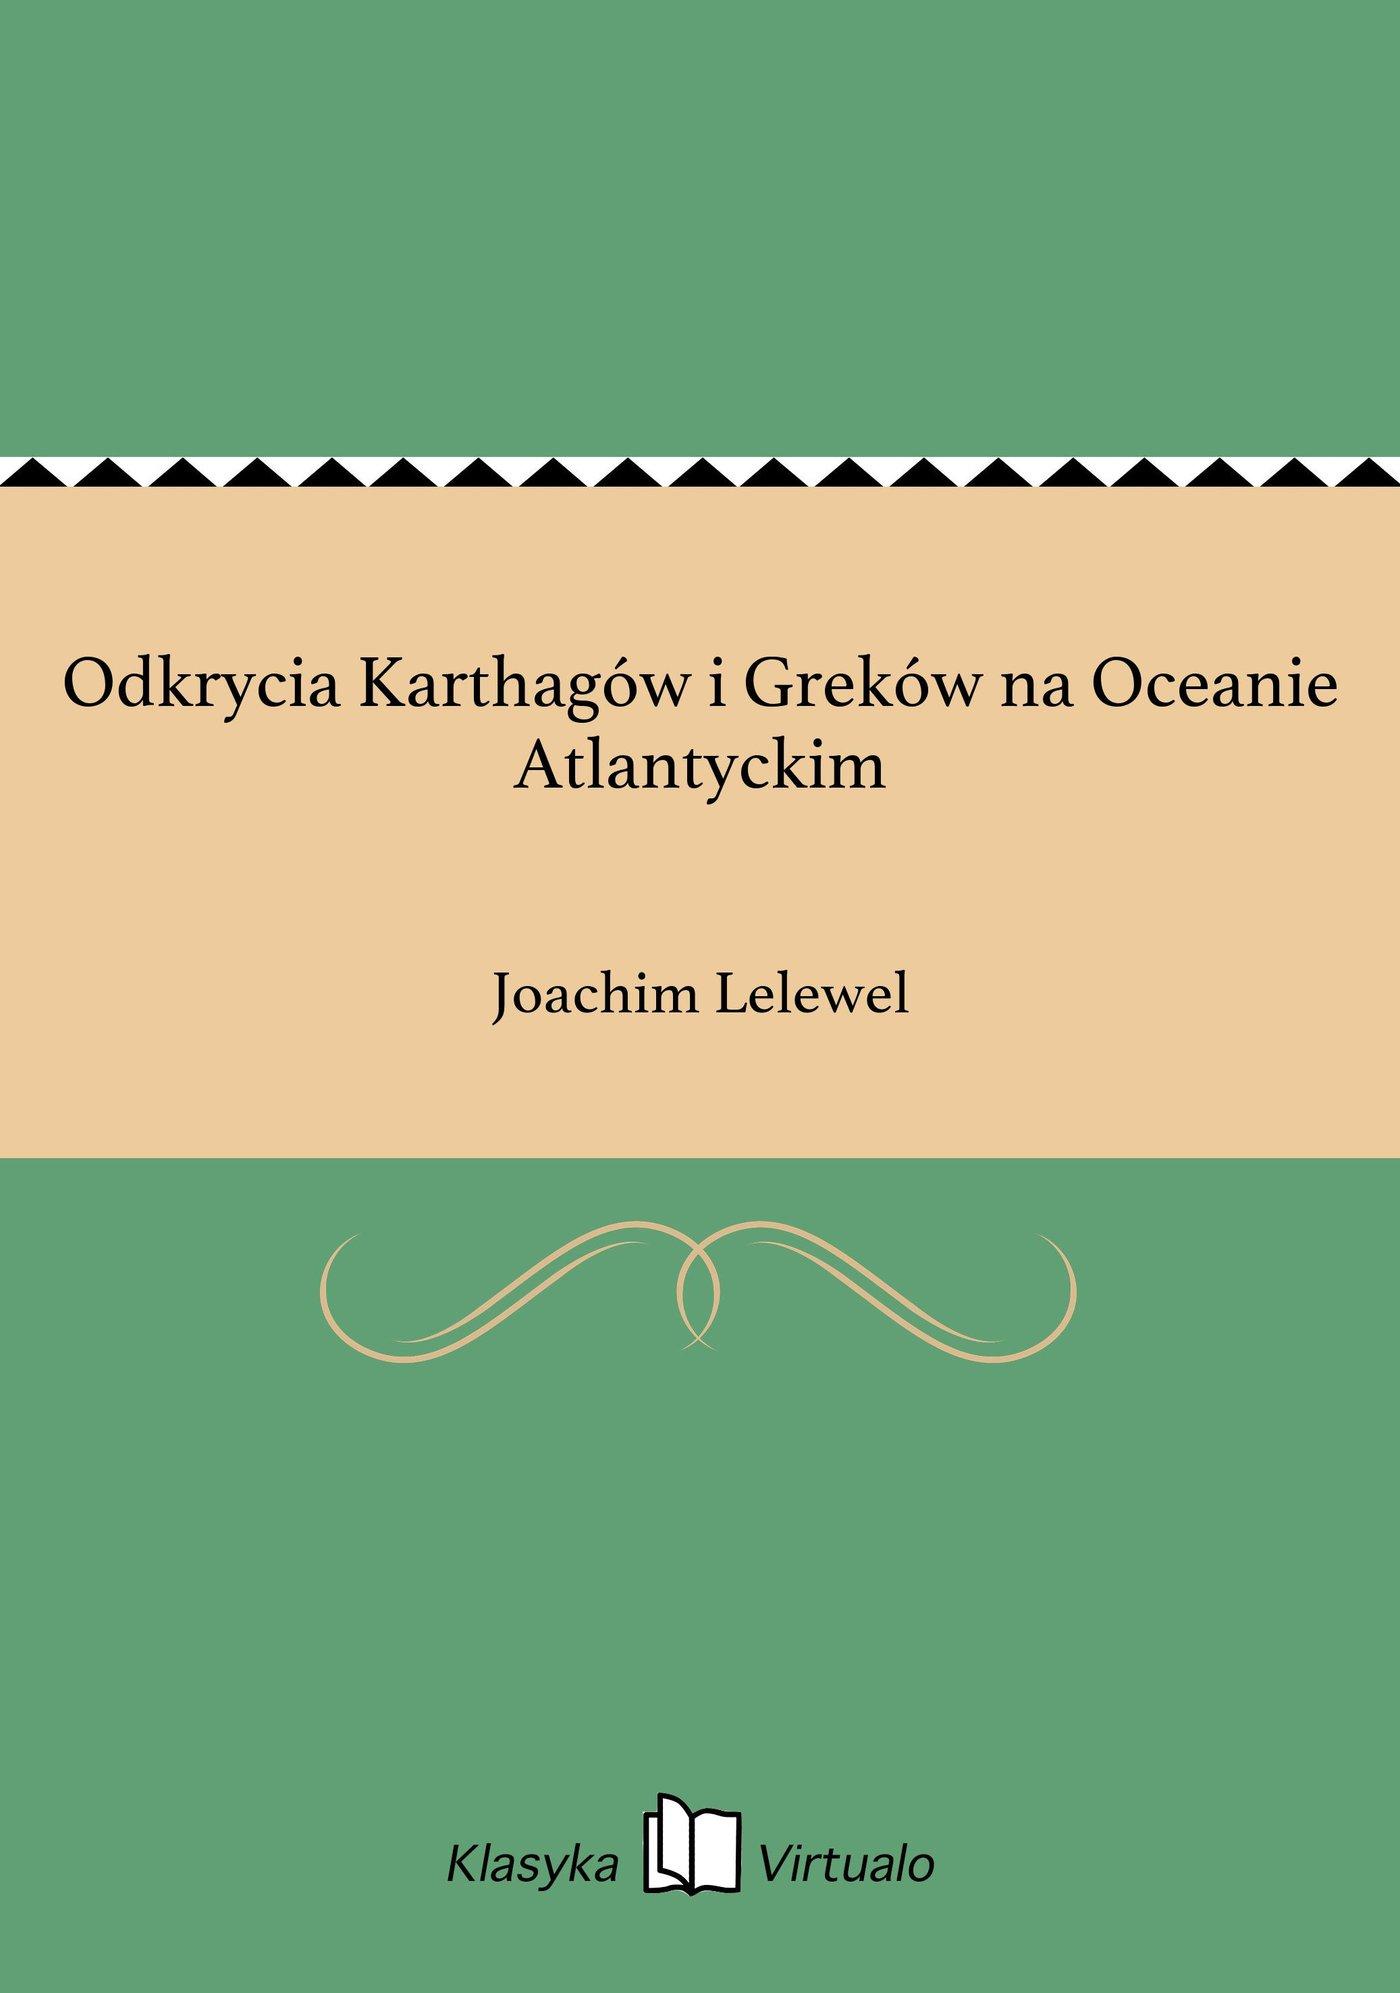 Odkrycia Karthagów i Greków na Oceanie Atlantyckim - Ebook (Książka EPUB) do pobrania w formacie EPUB